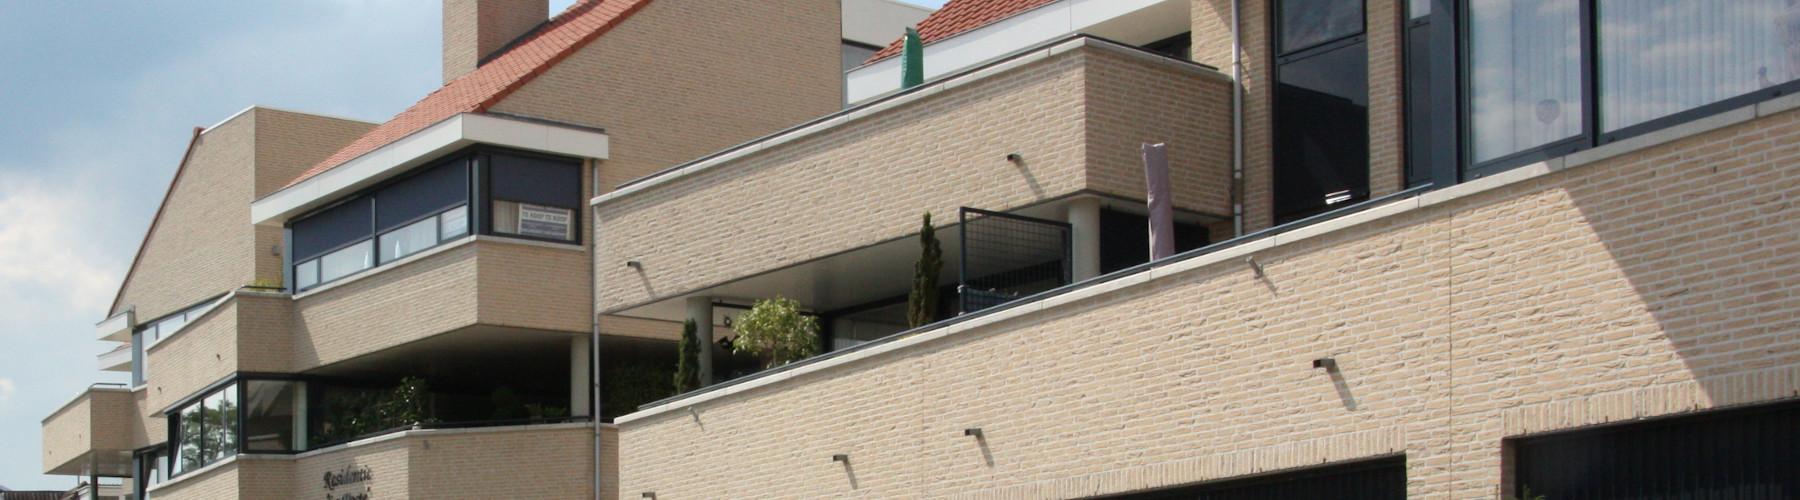 Woningbouw te Nederweert door BEELEN CS architecten bv